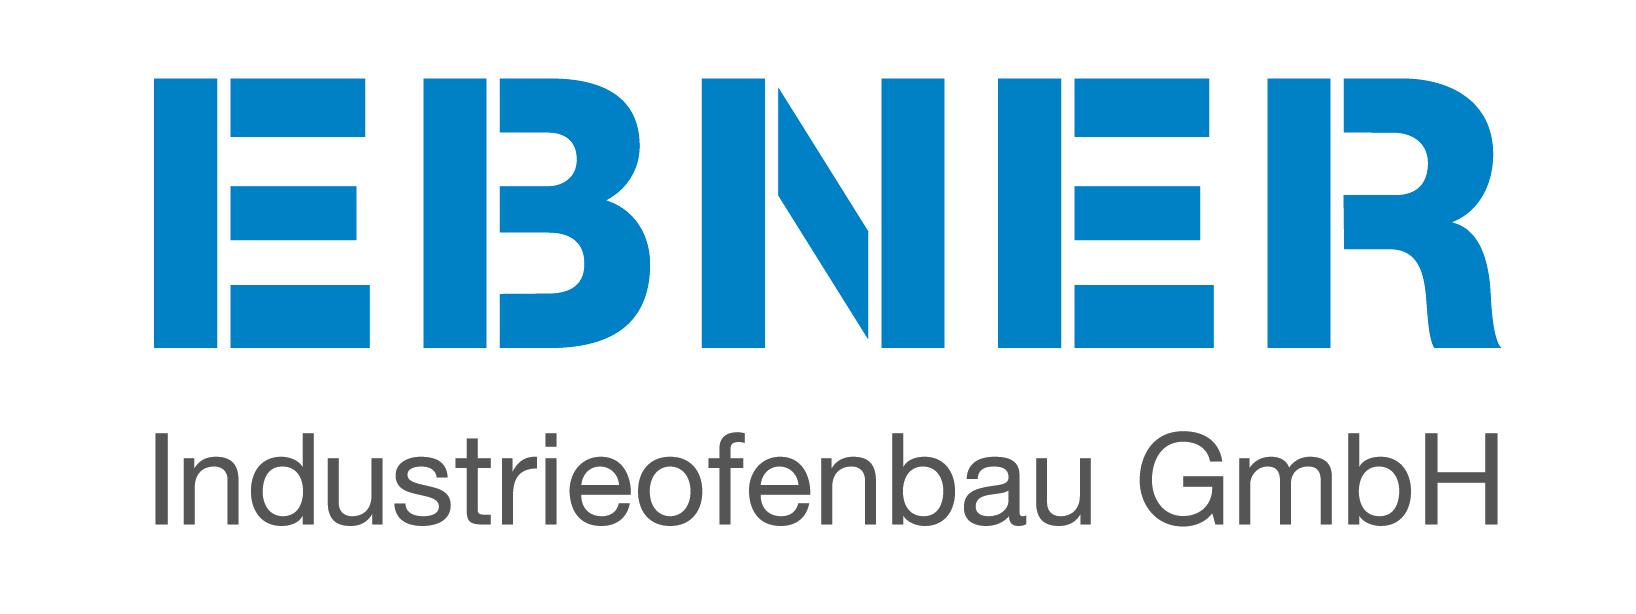 logos_stahl/EBNER-Industrieofenbau-GmbH_logo.png